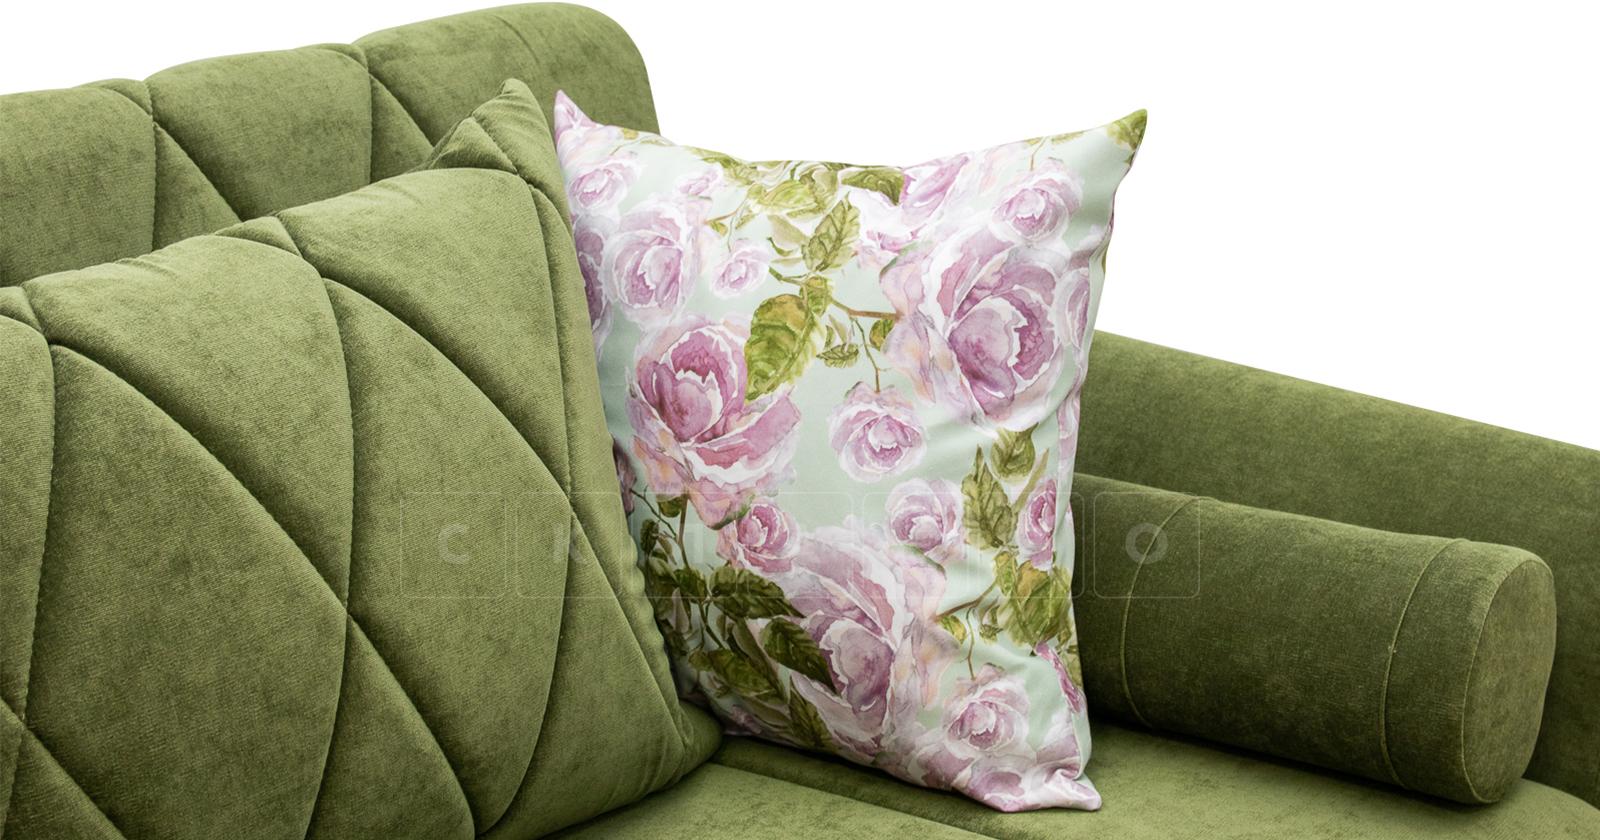 Диван-кровать Роза оливковый фото 11 | интернет-магазин Складно